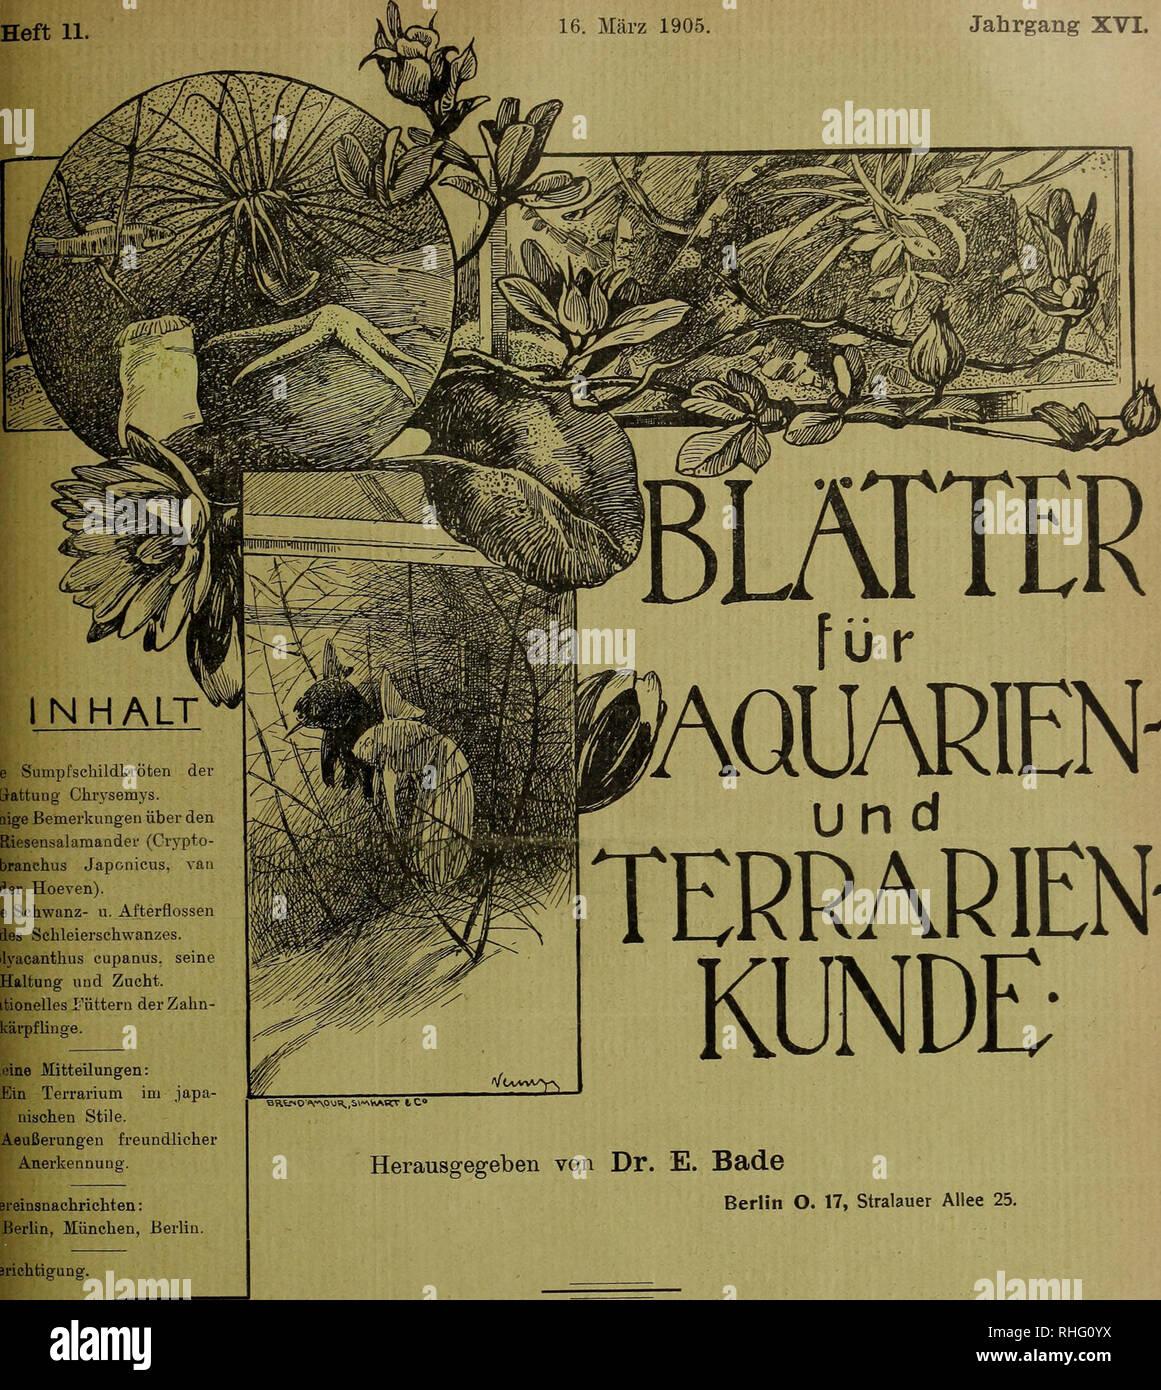 Blätter Für Aquarien Und Terrarien Kunde Heft 11 16 März 1905